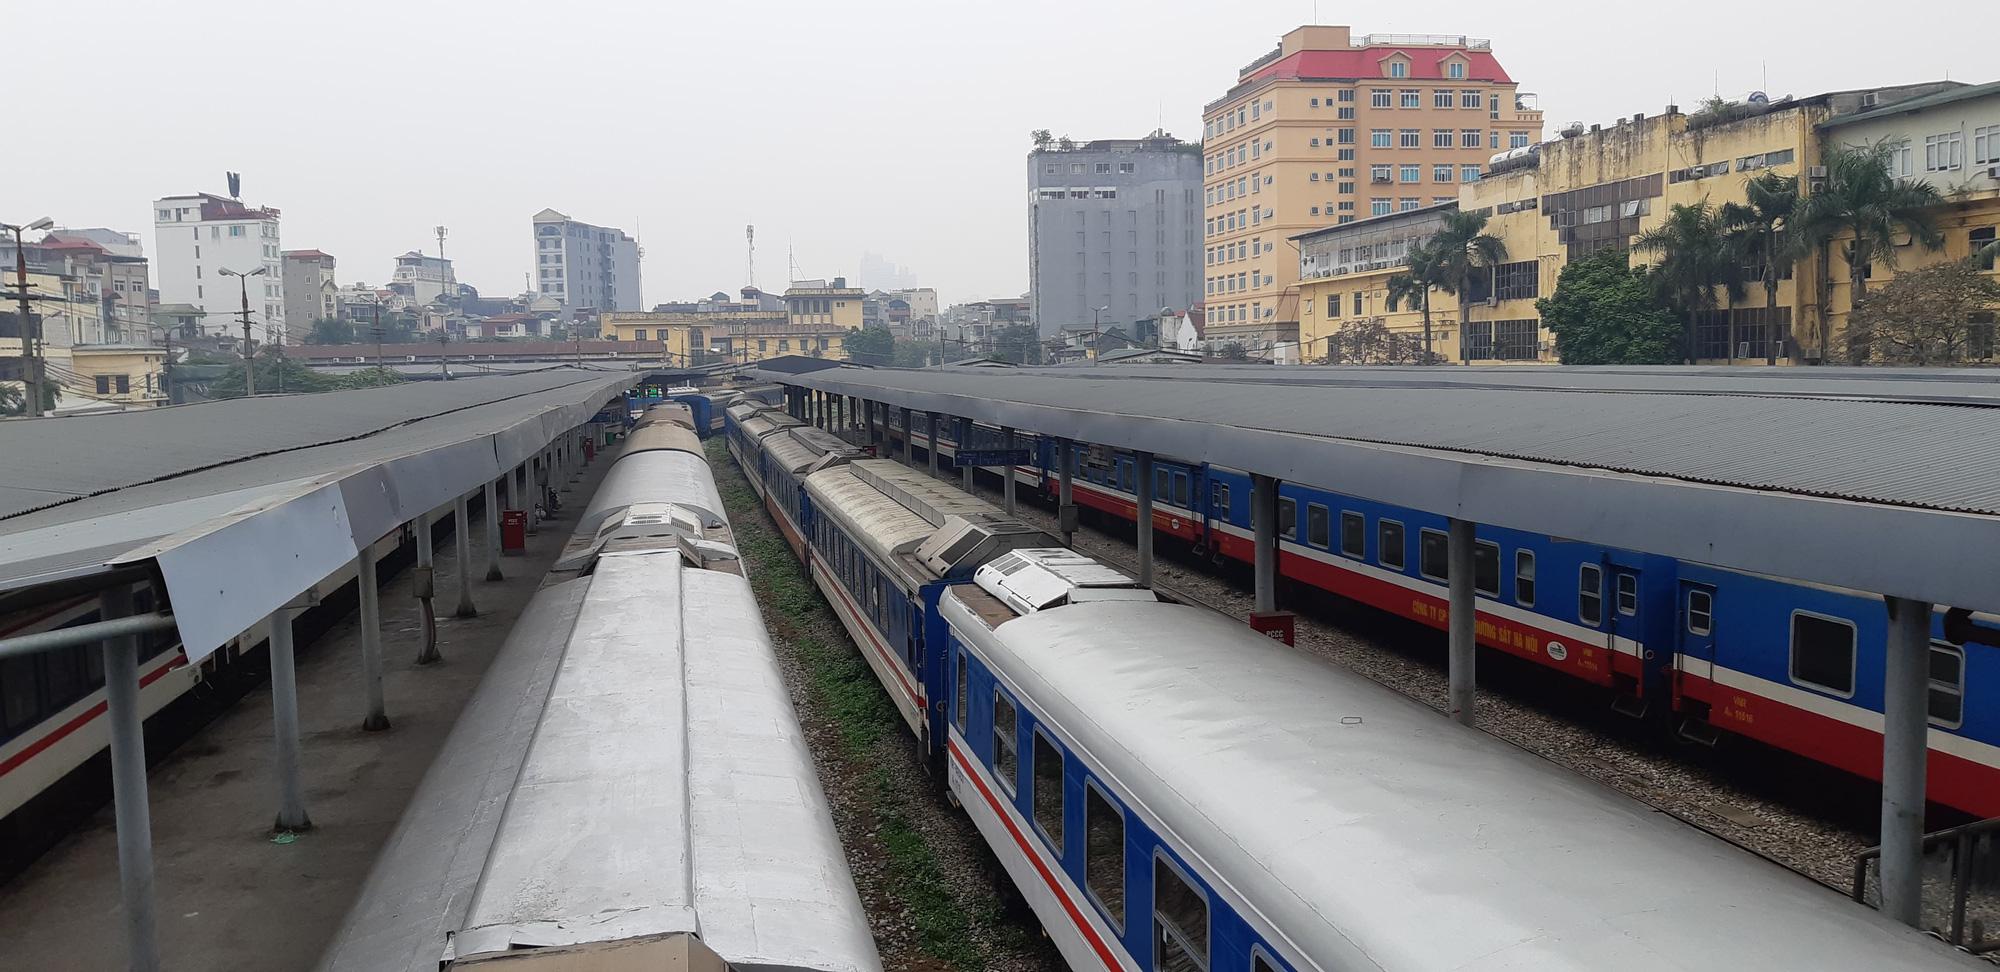 Ngành Đường sắt làm gì để không mất vốn hàng nghìn tỷ đồng? - Ảnh 2.